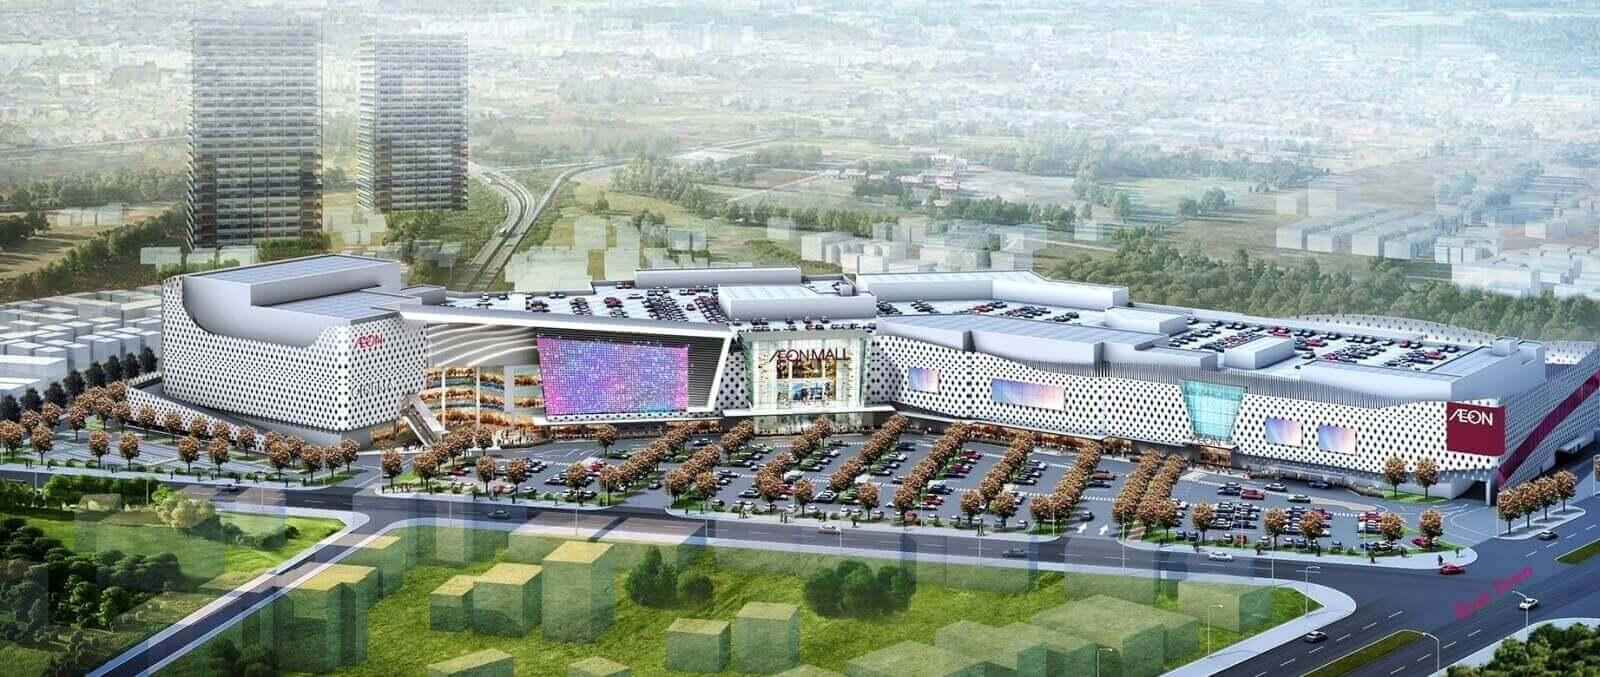 Aeon Mall đã có nhiều đại siêu thị tại Việt Nam.